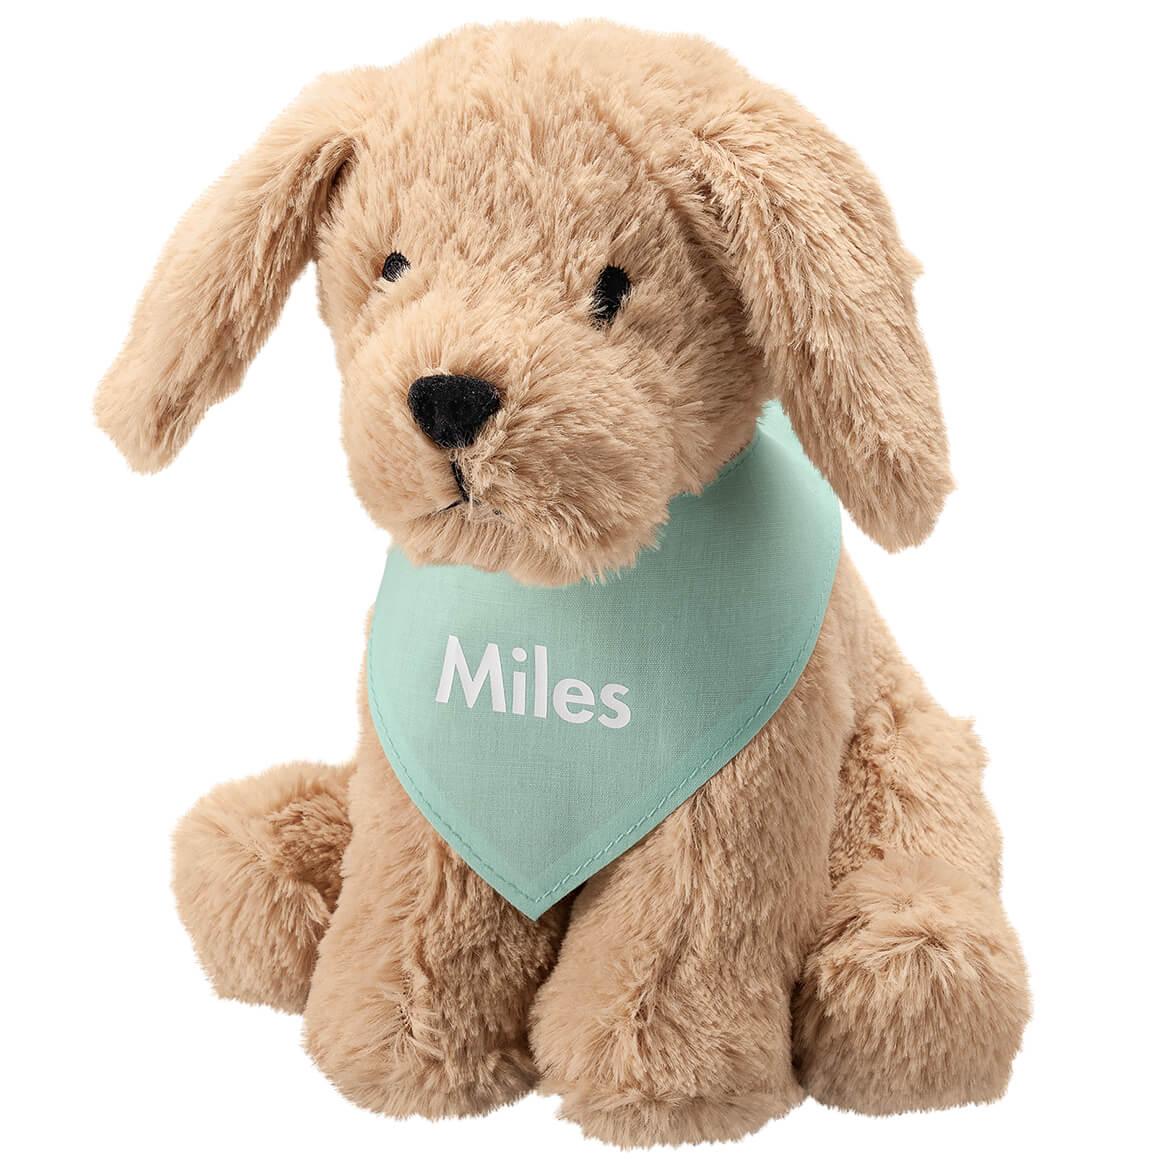 Personalized Stuffed Dog with Bandana-368400